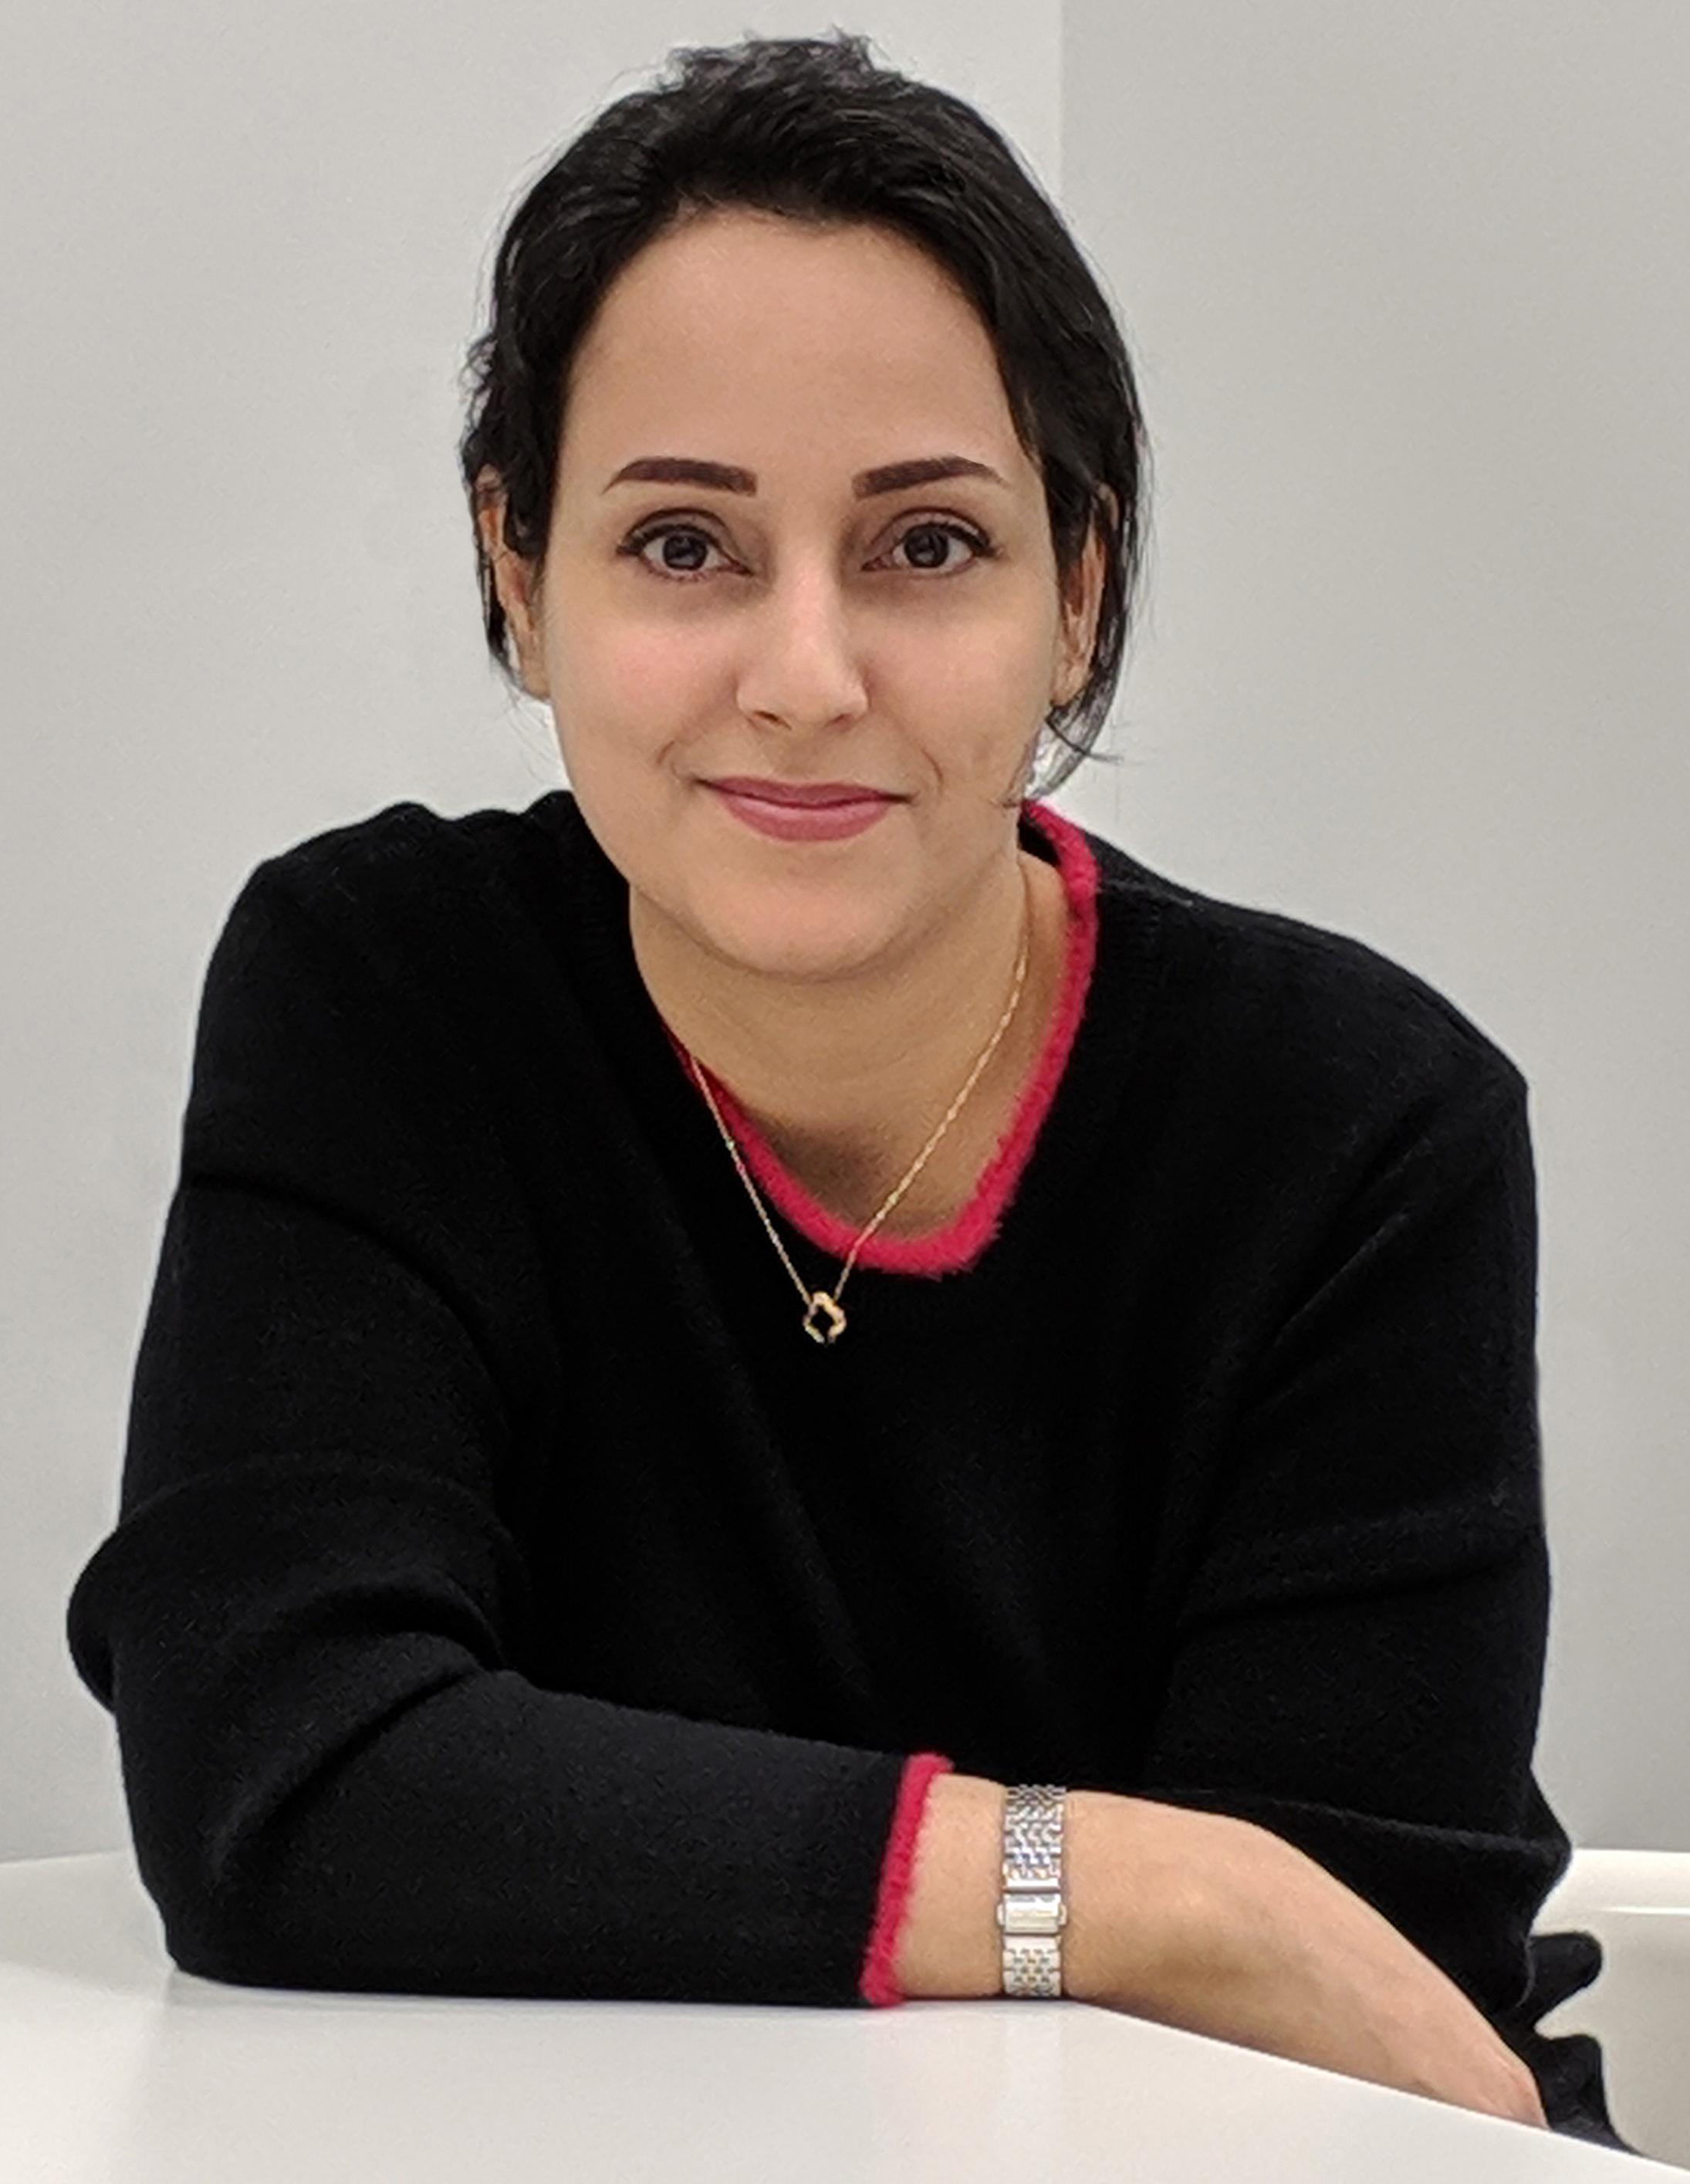 Samaneh Mazaheri